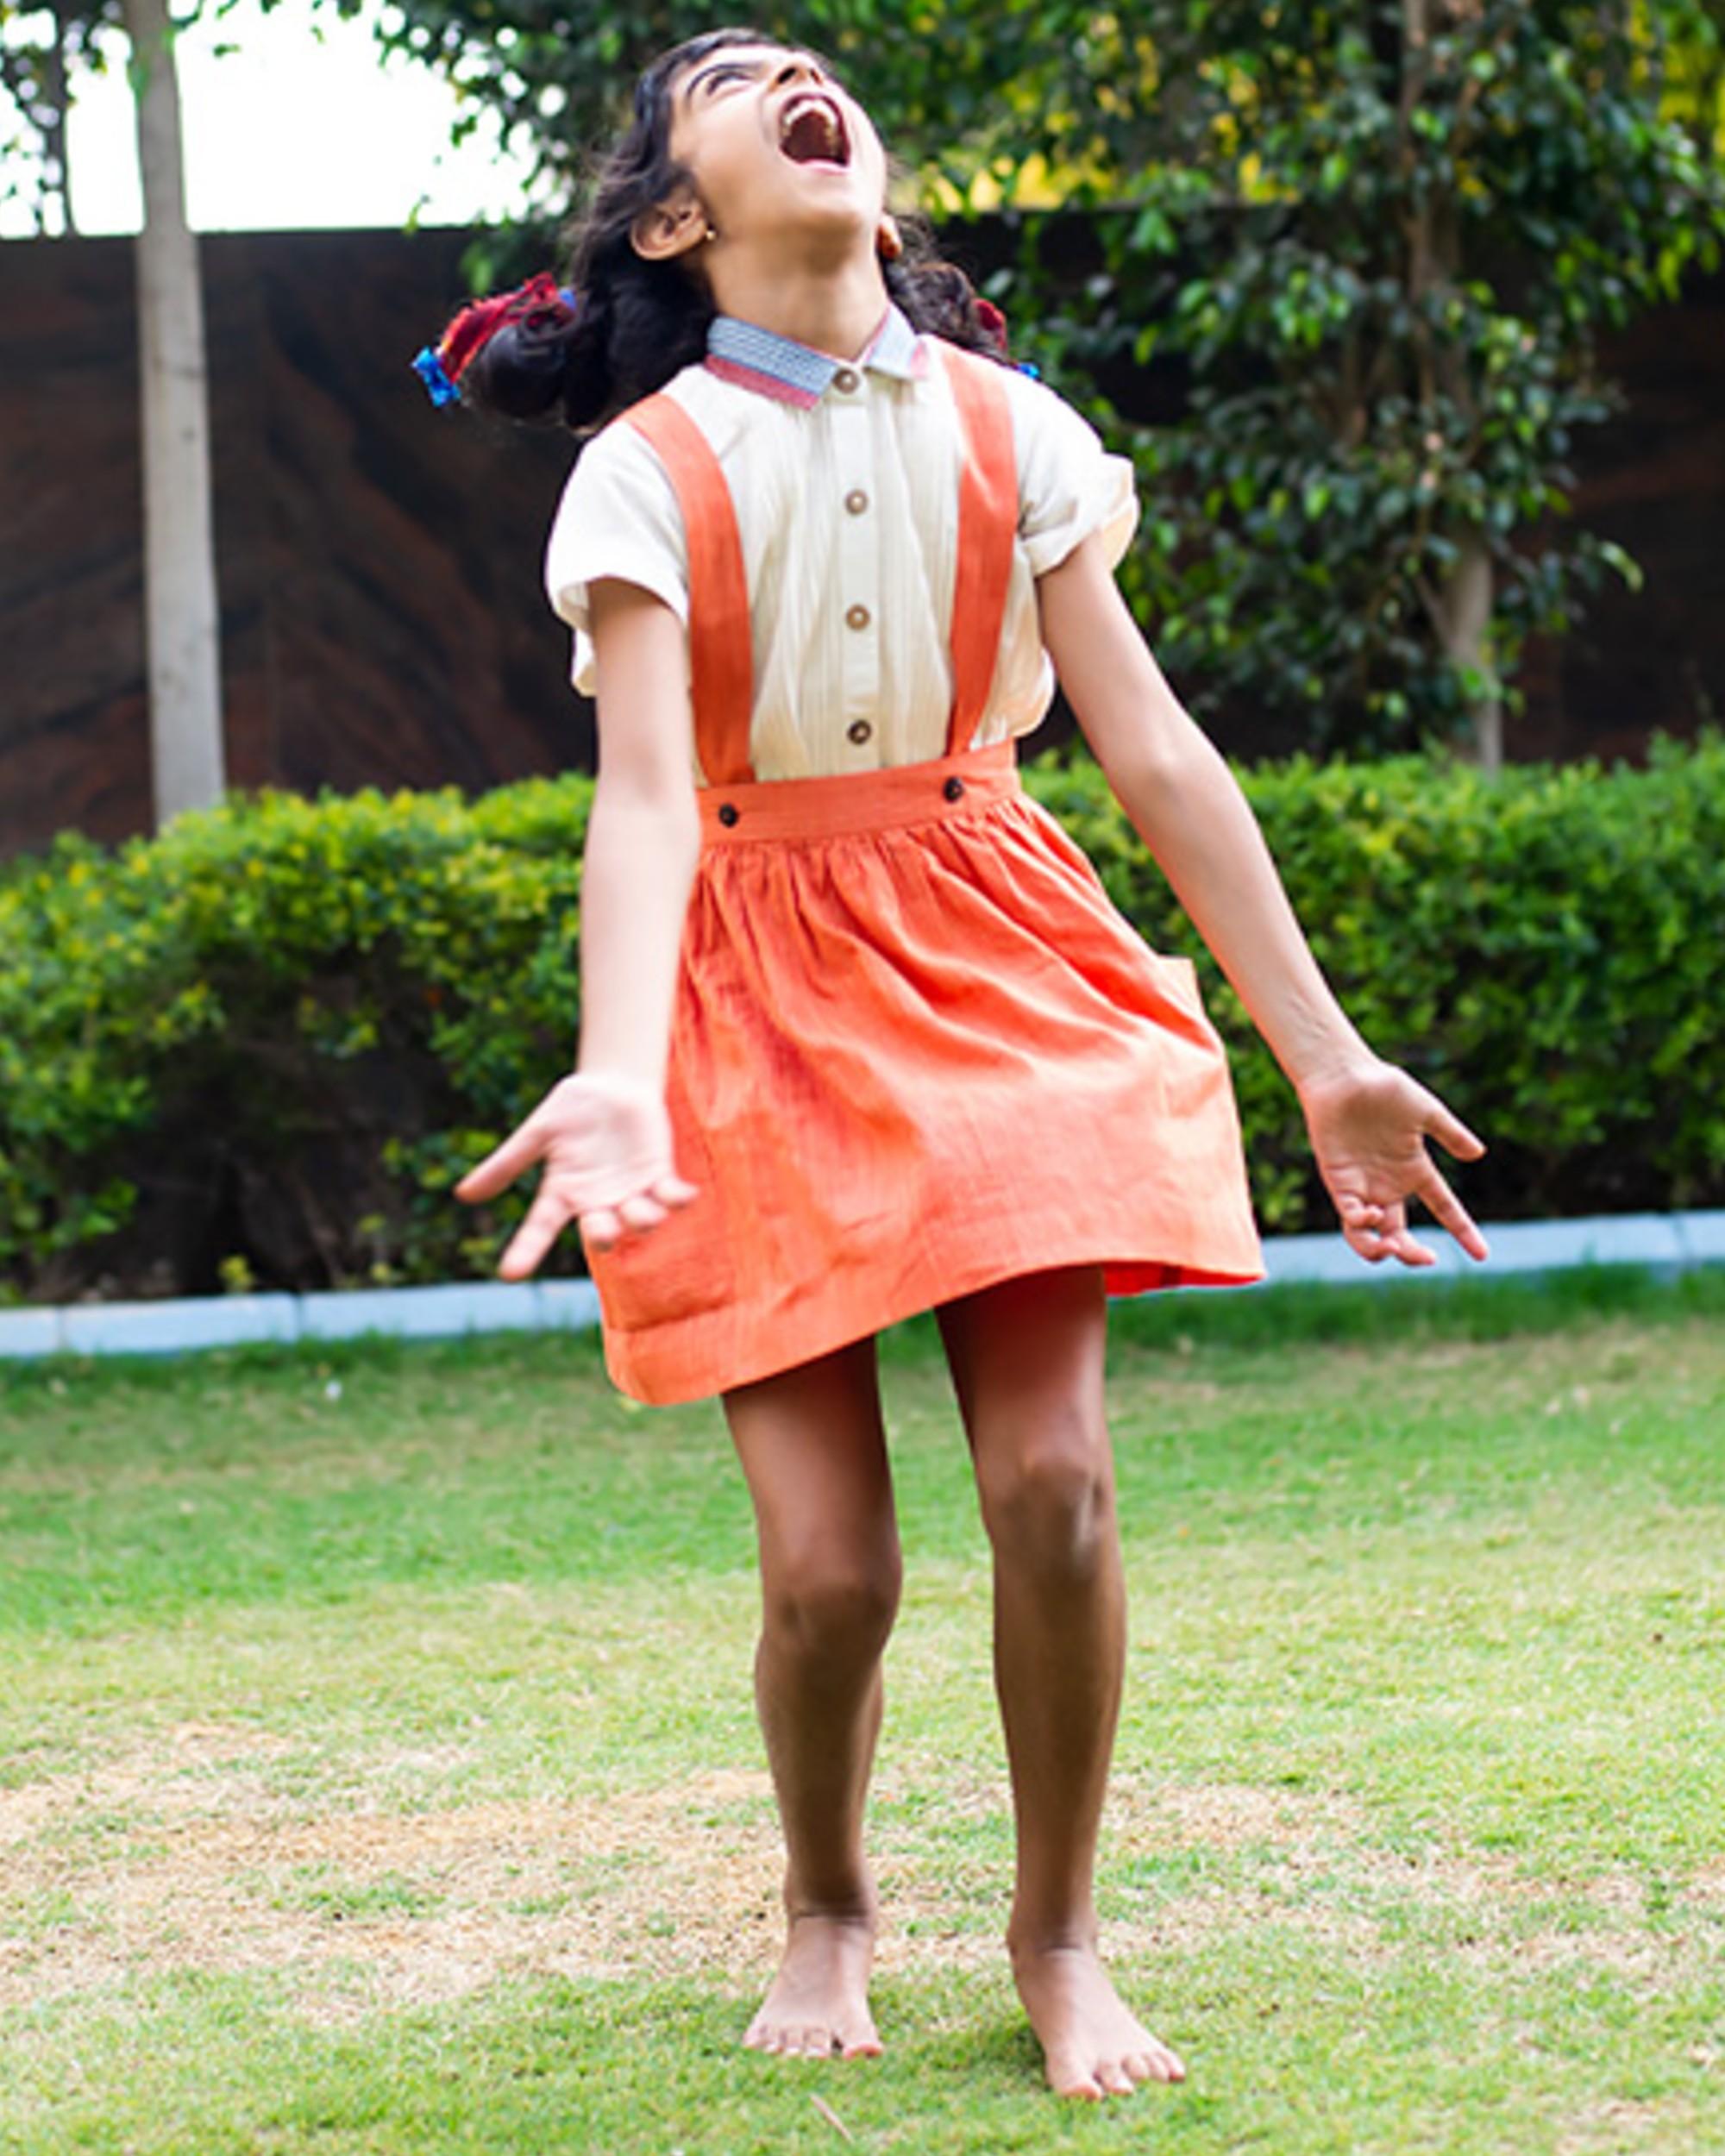 Tangerine dungaree skirt